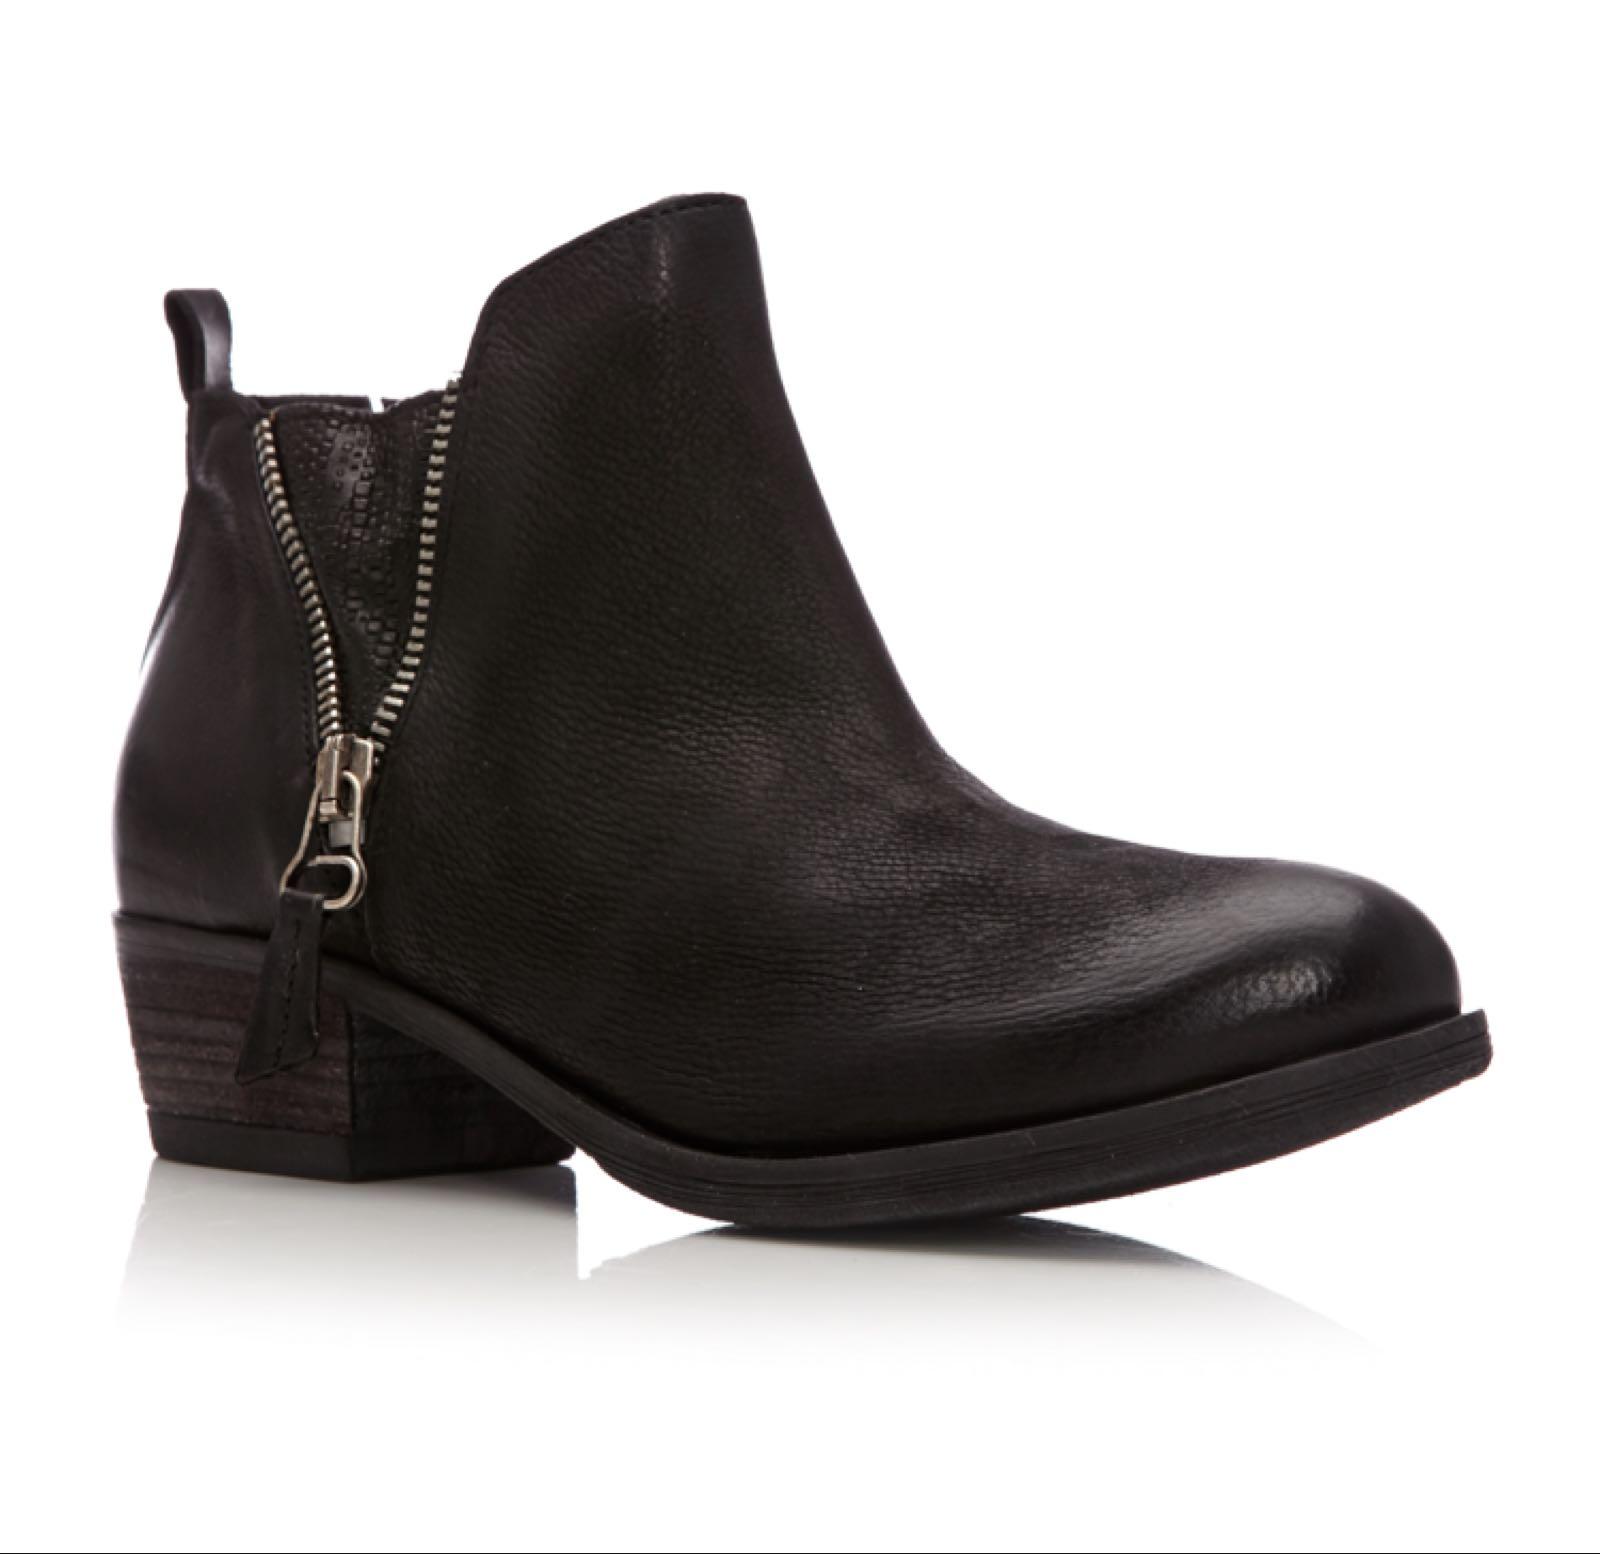 Moda in Pelle Bestifall Black Leather